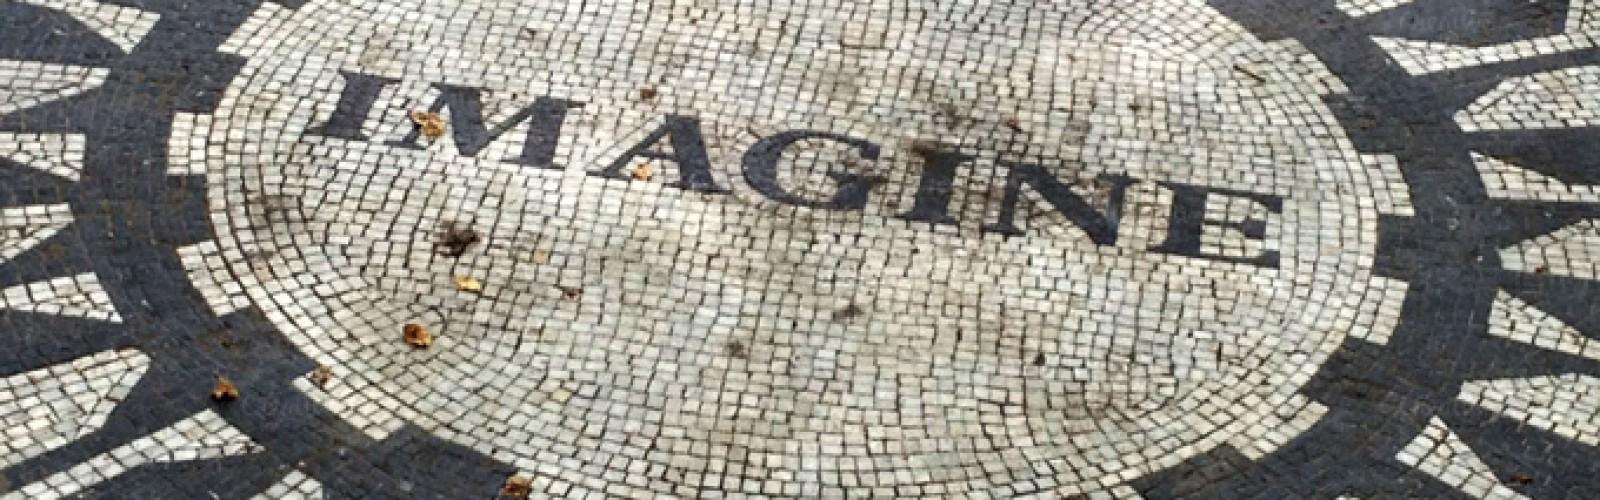 imagine-680